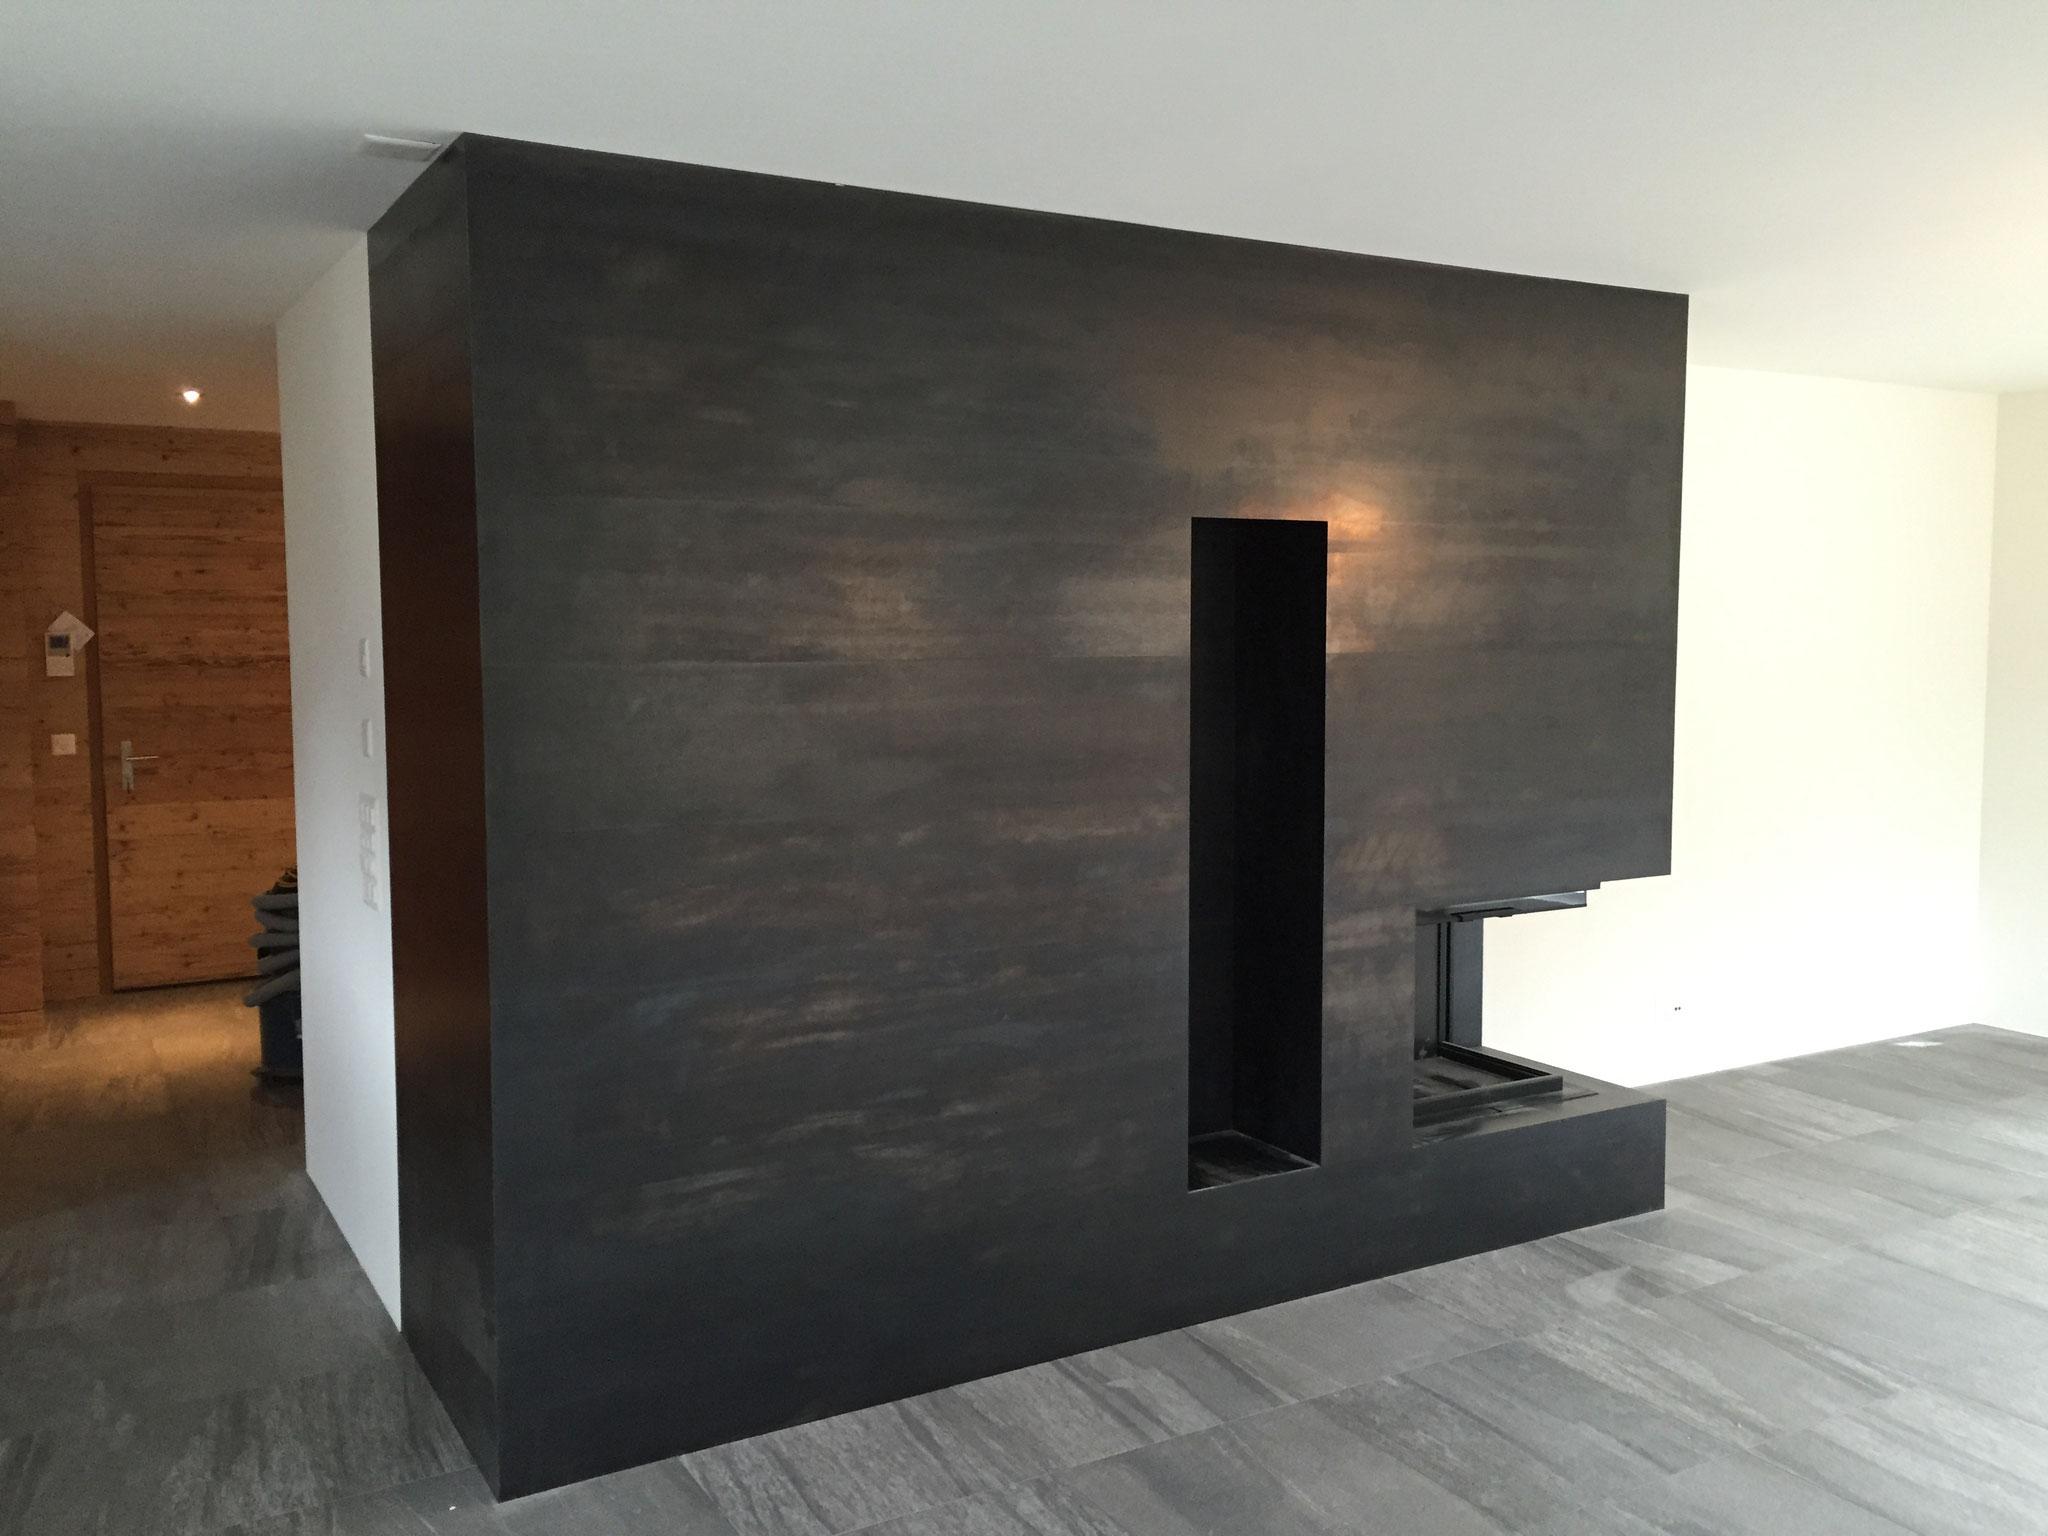 Cheminée-Verkleidung aus schwarzem Stahlblech